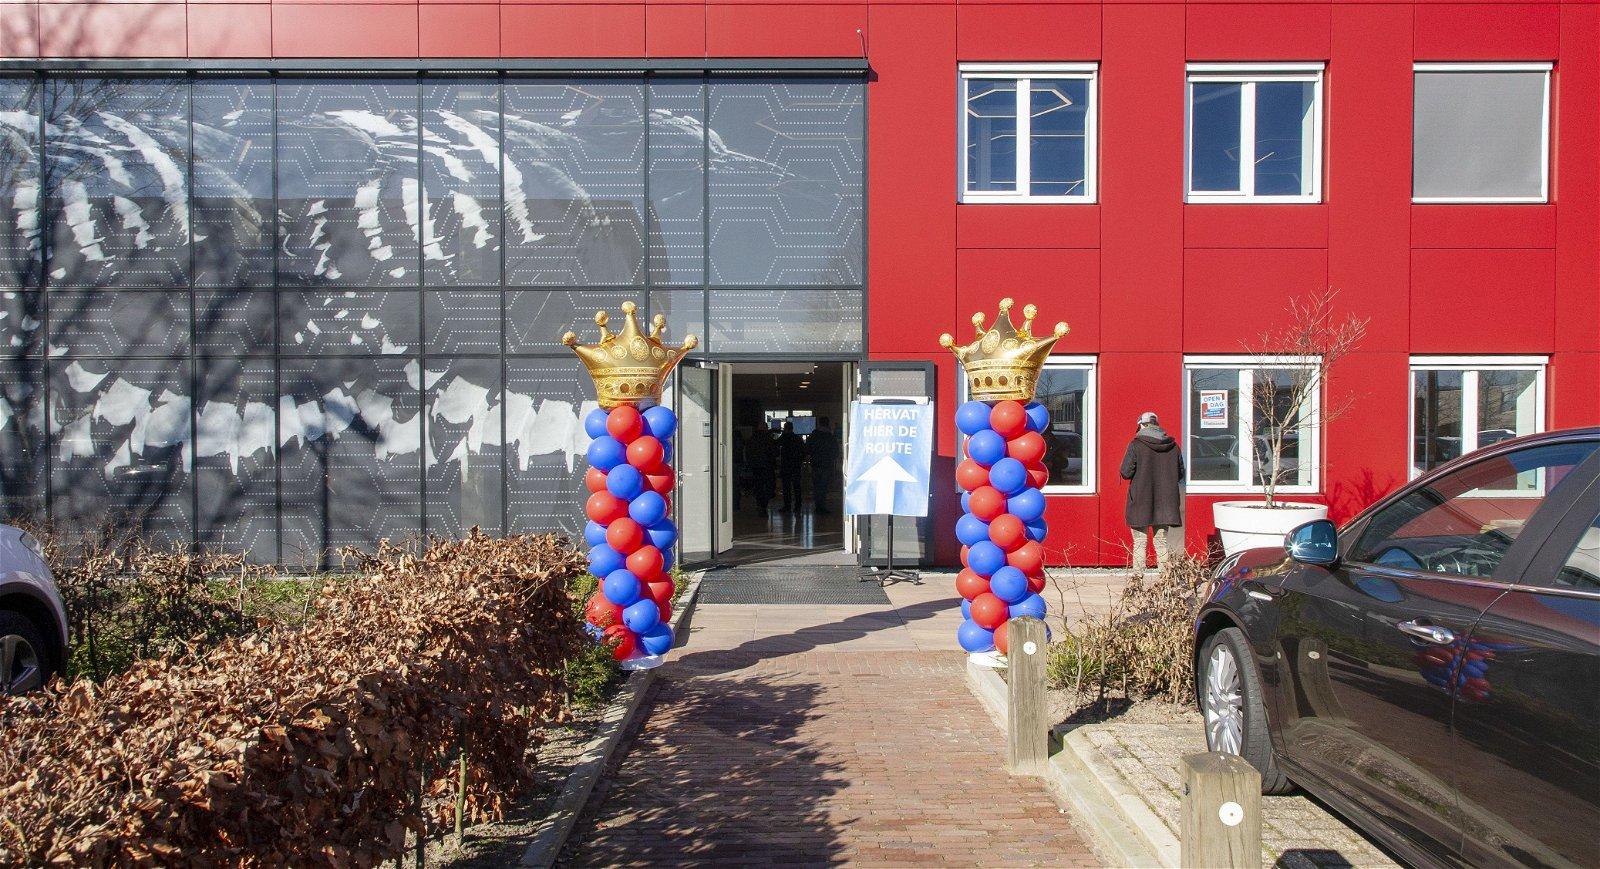 De open dag in Udenhout